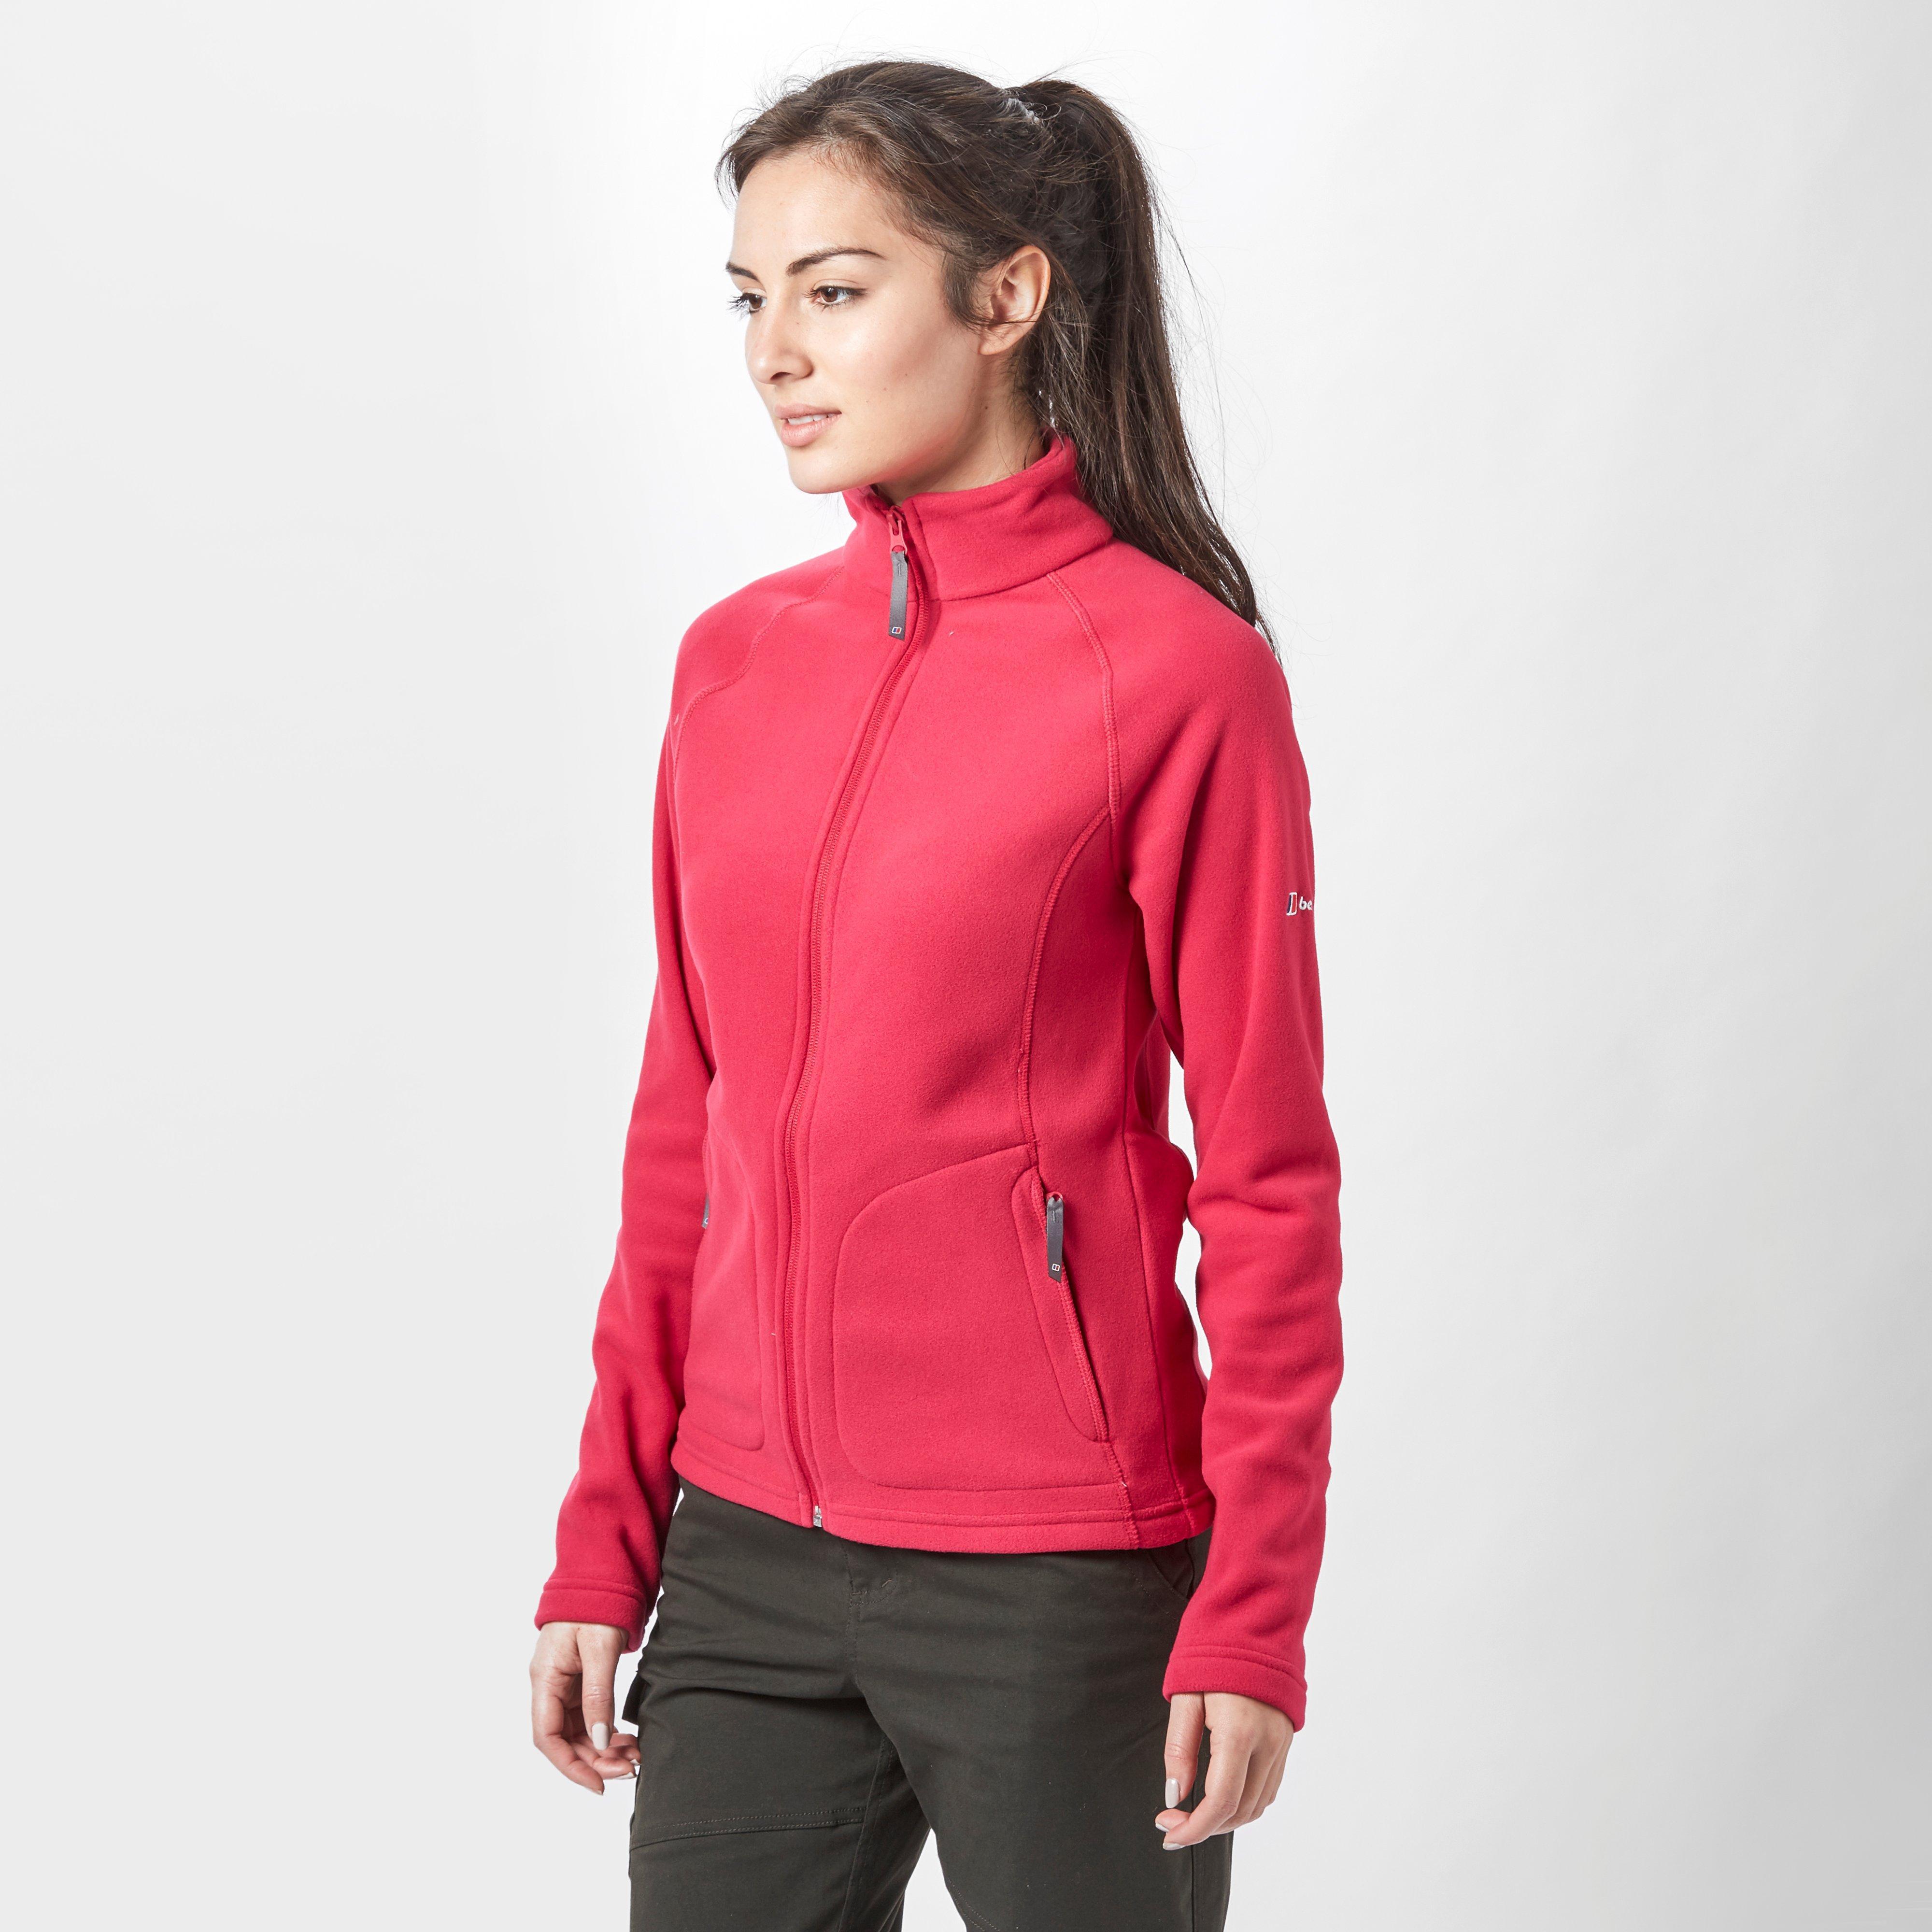 Berghaus Womenu0026#39;s Arnside Fleece Jacket